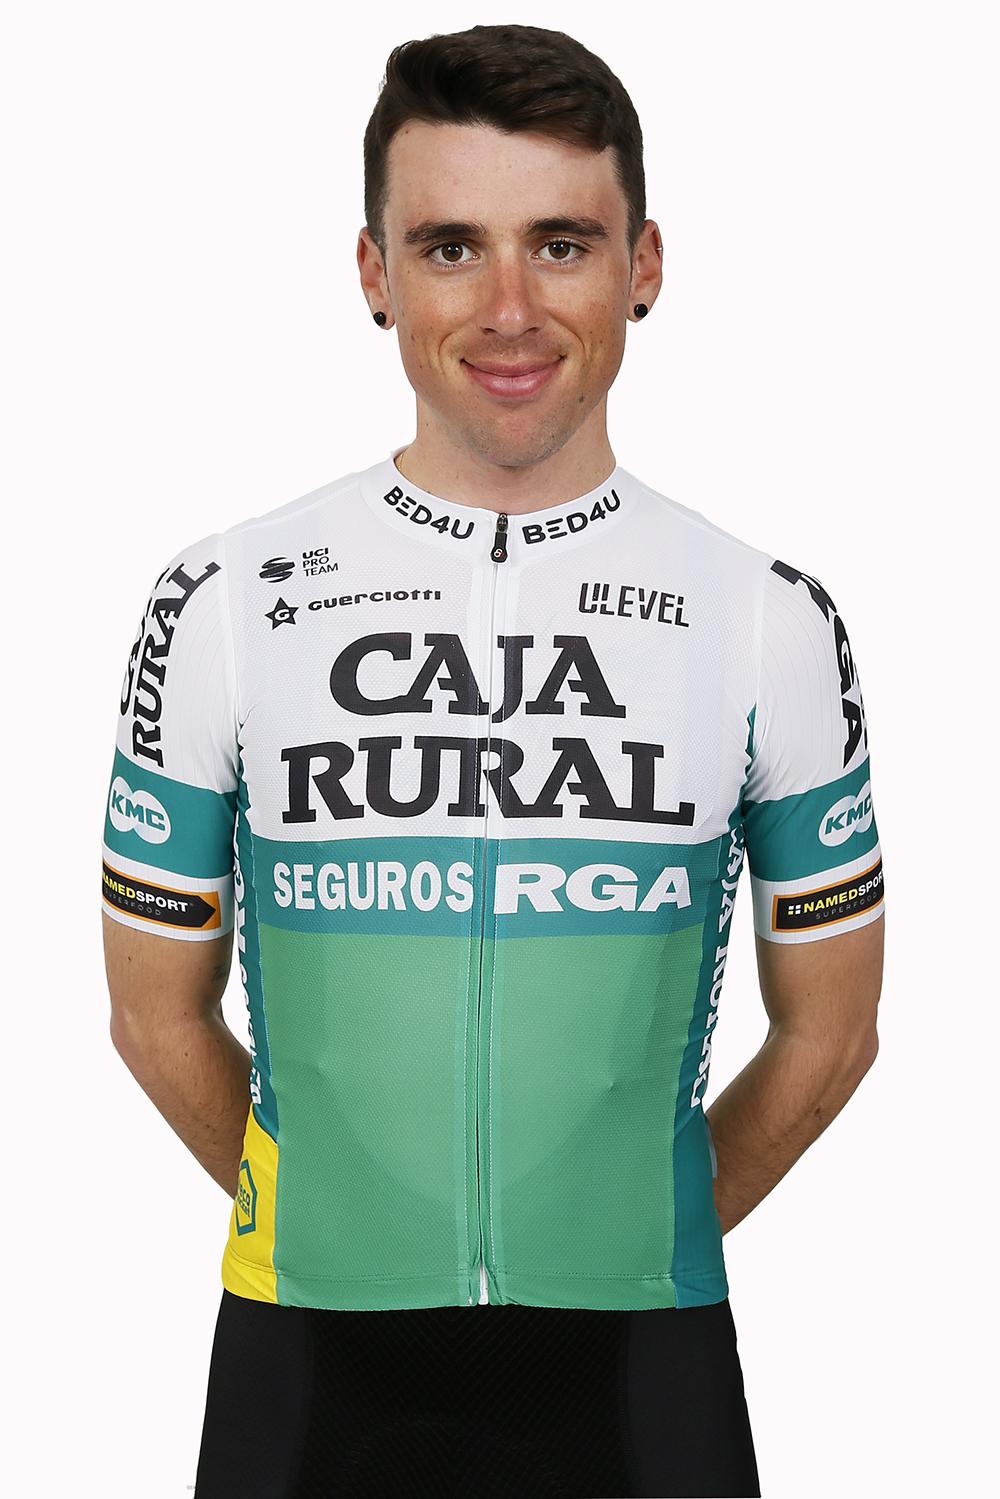 Cuadros Alvaro Caja Rural 2021